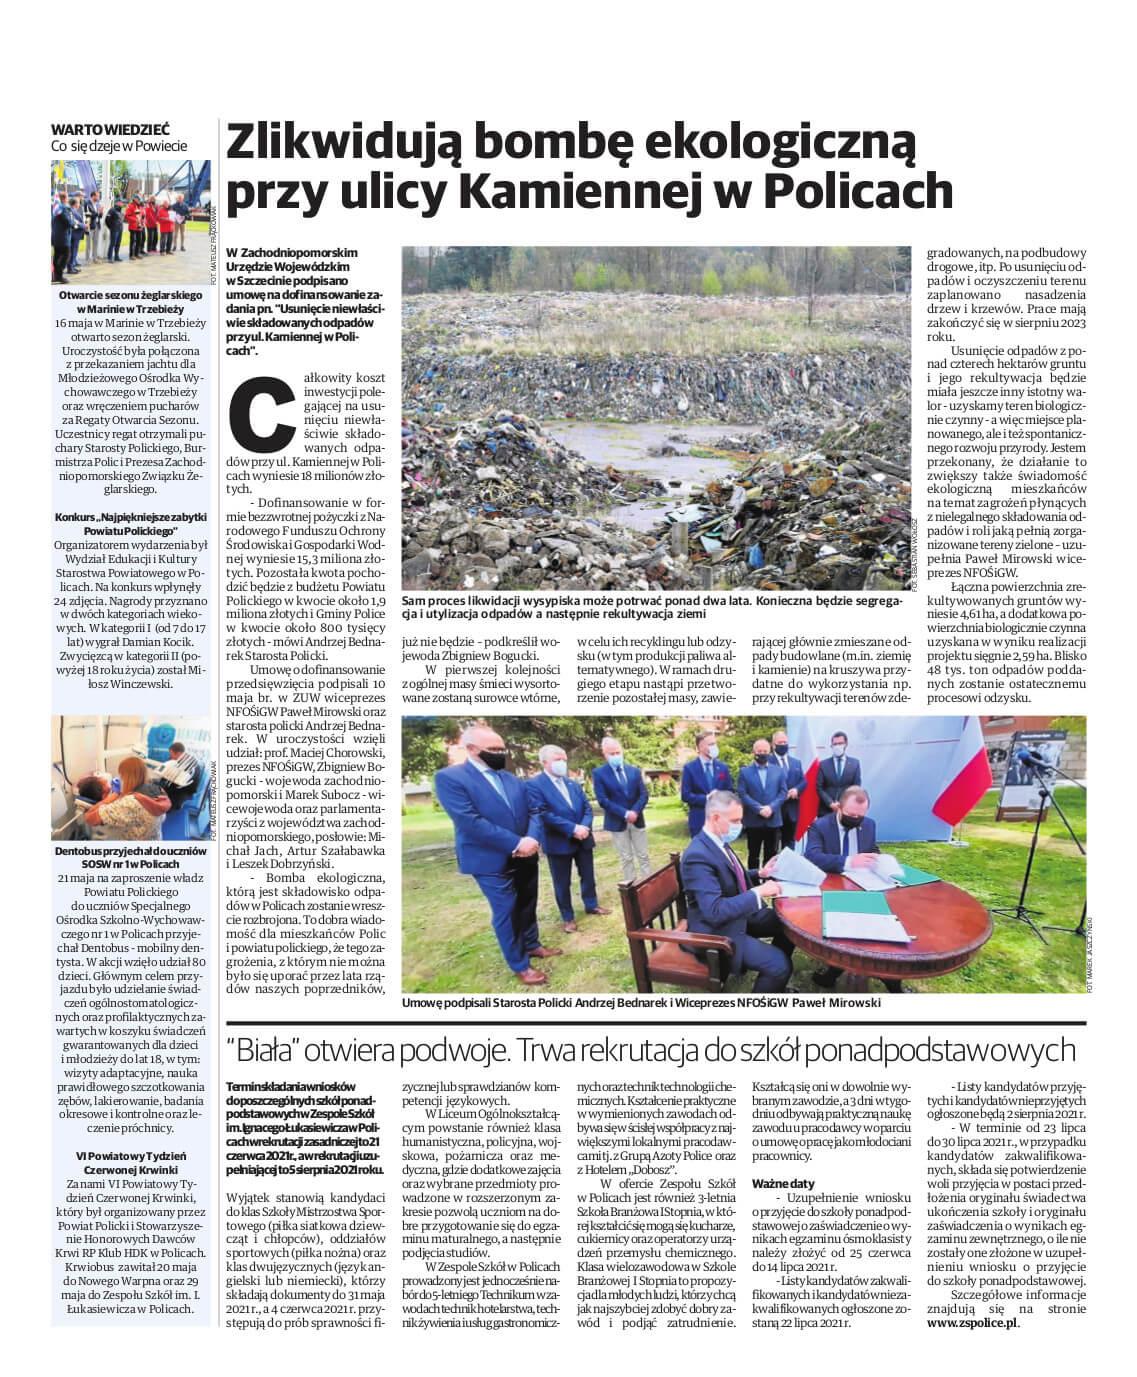 Promocyjna strona Powiatu Polickiego w Glosie Polic